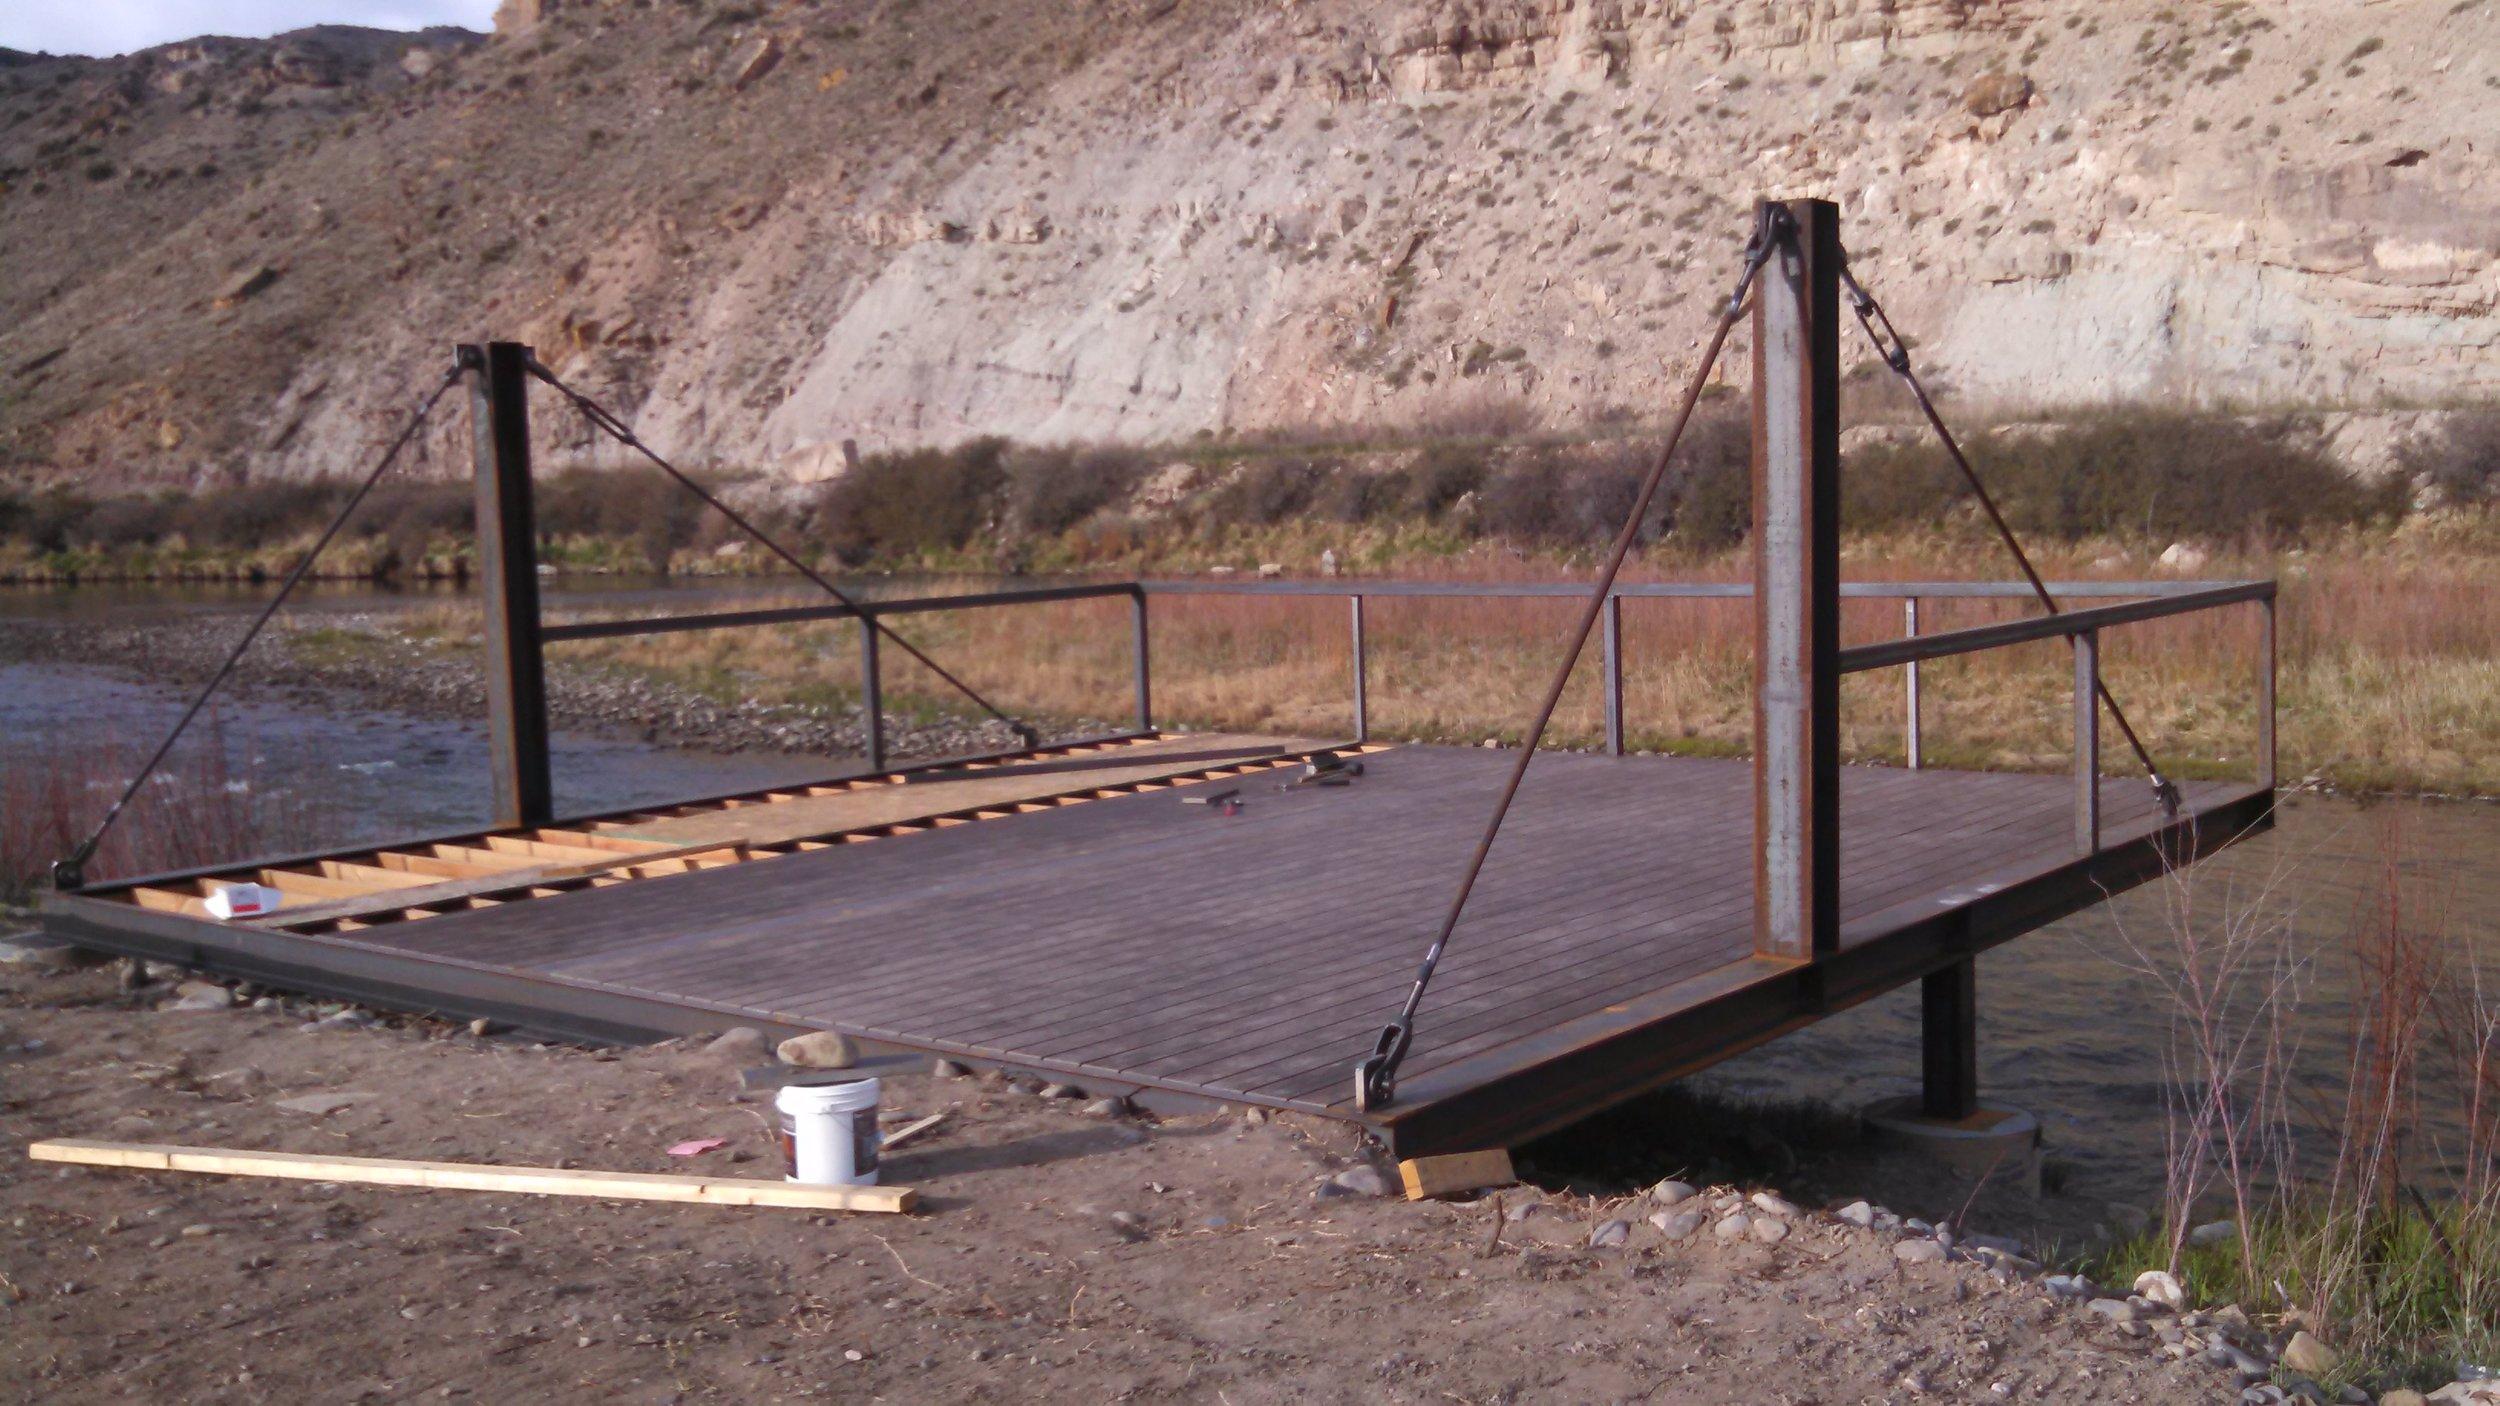 Gunnison River Deck under Construction